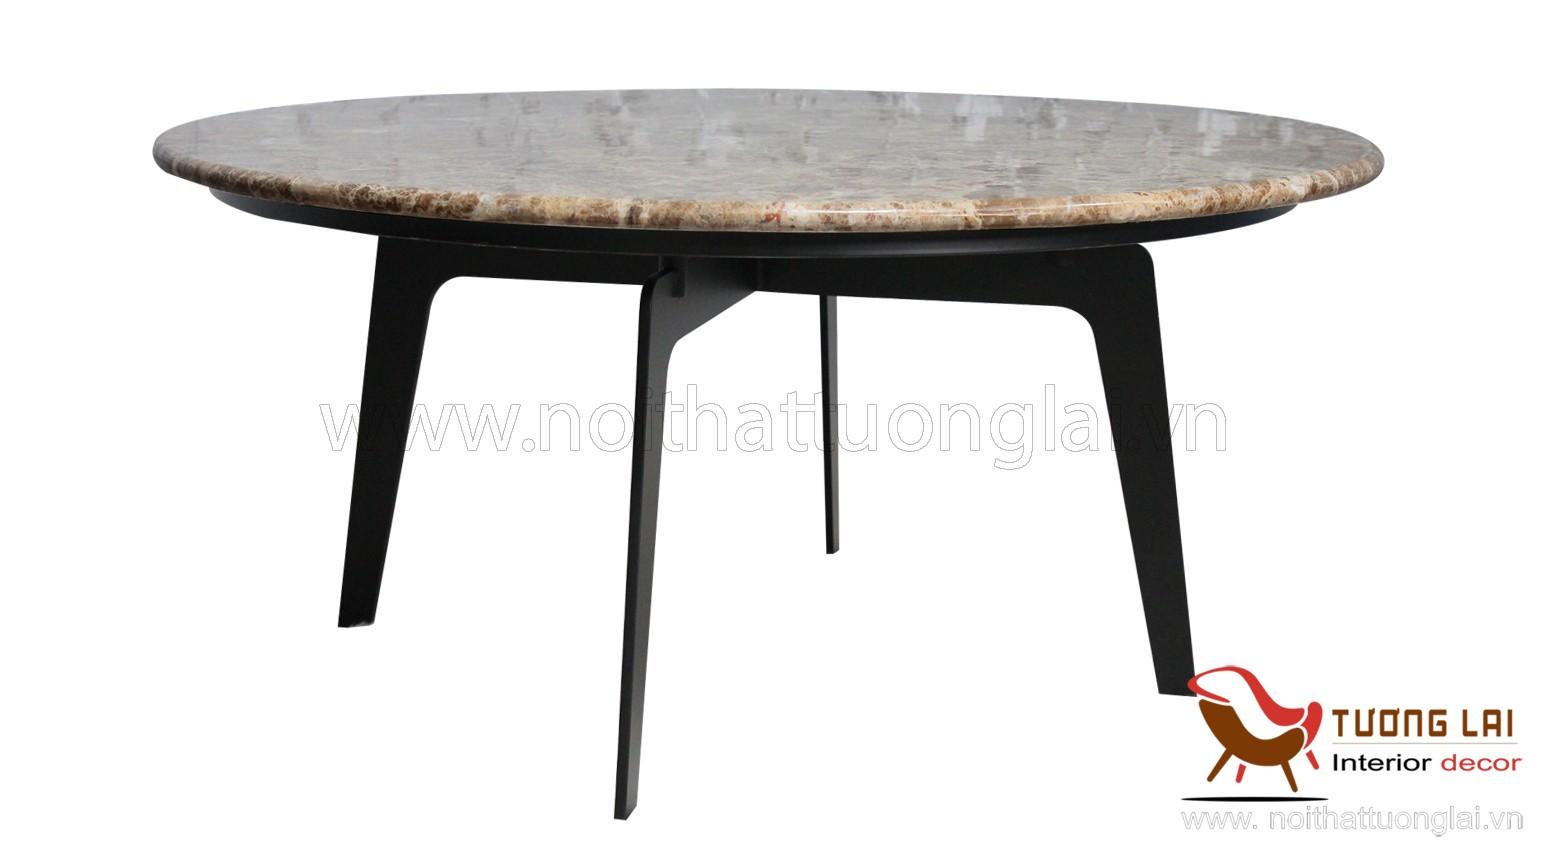 Gia công chân bàn sofa sắt la mặt đá tròn